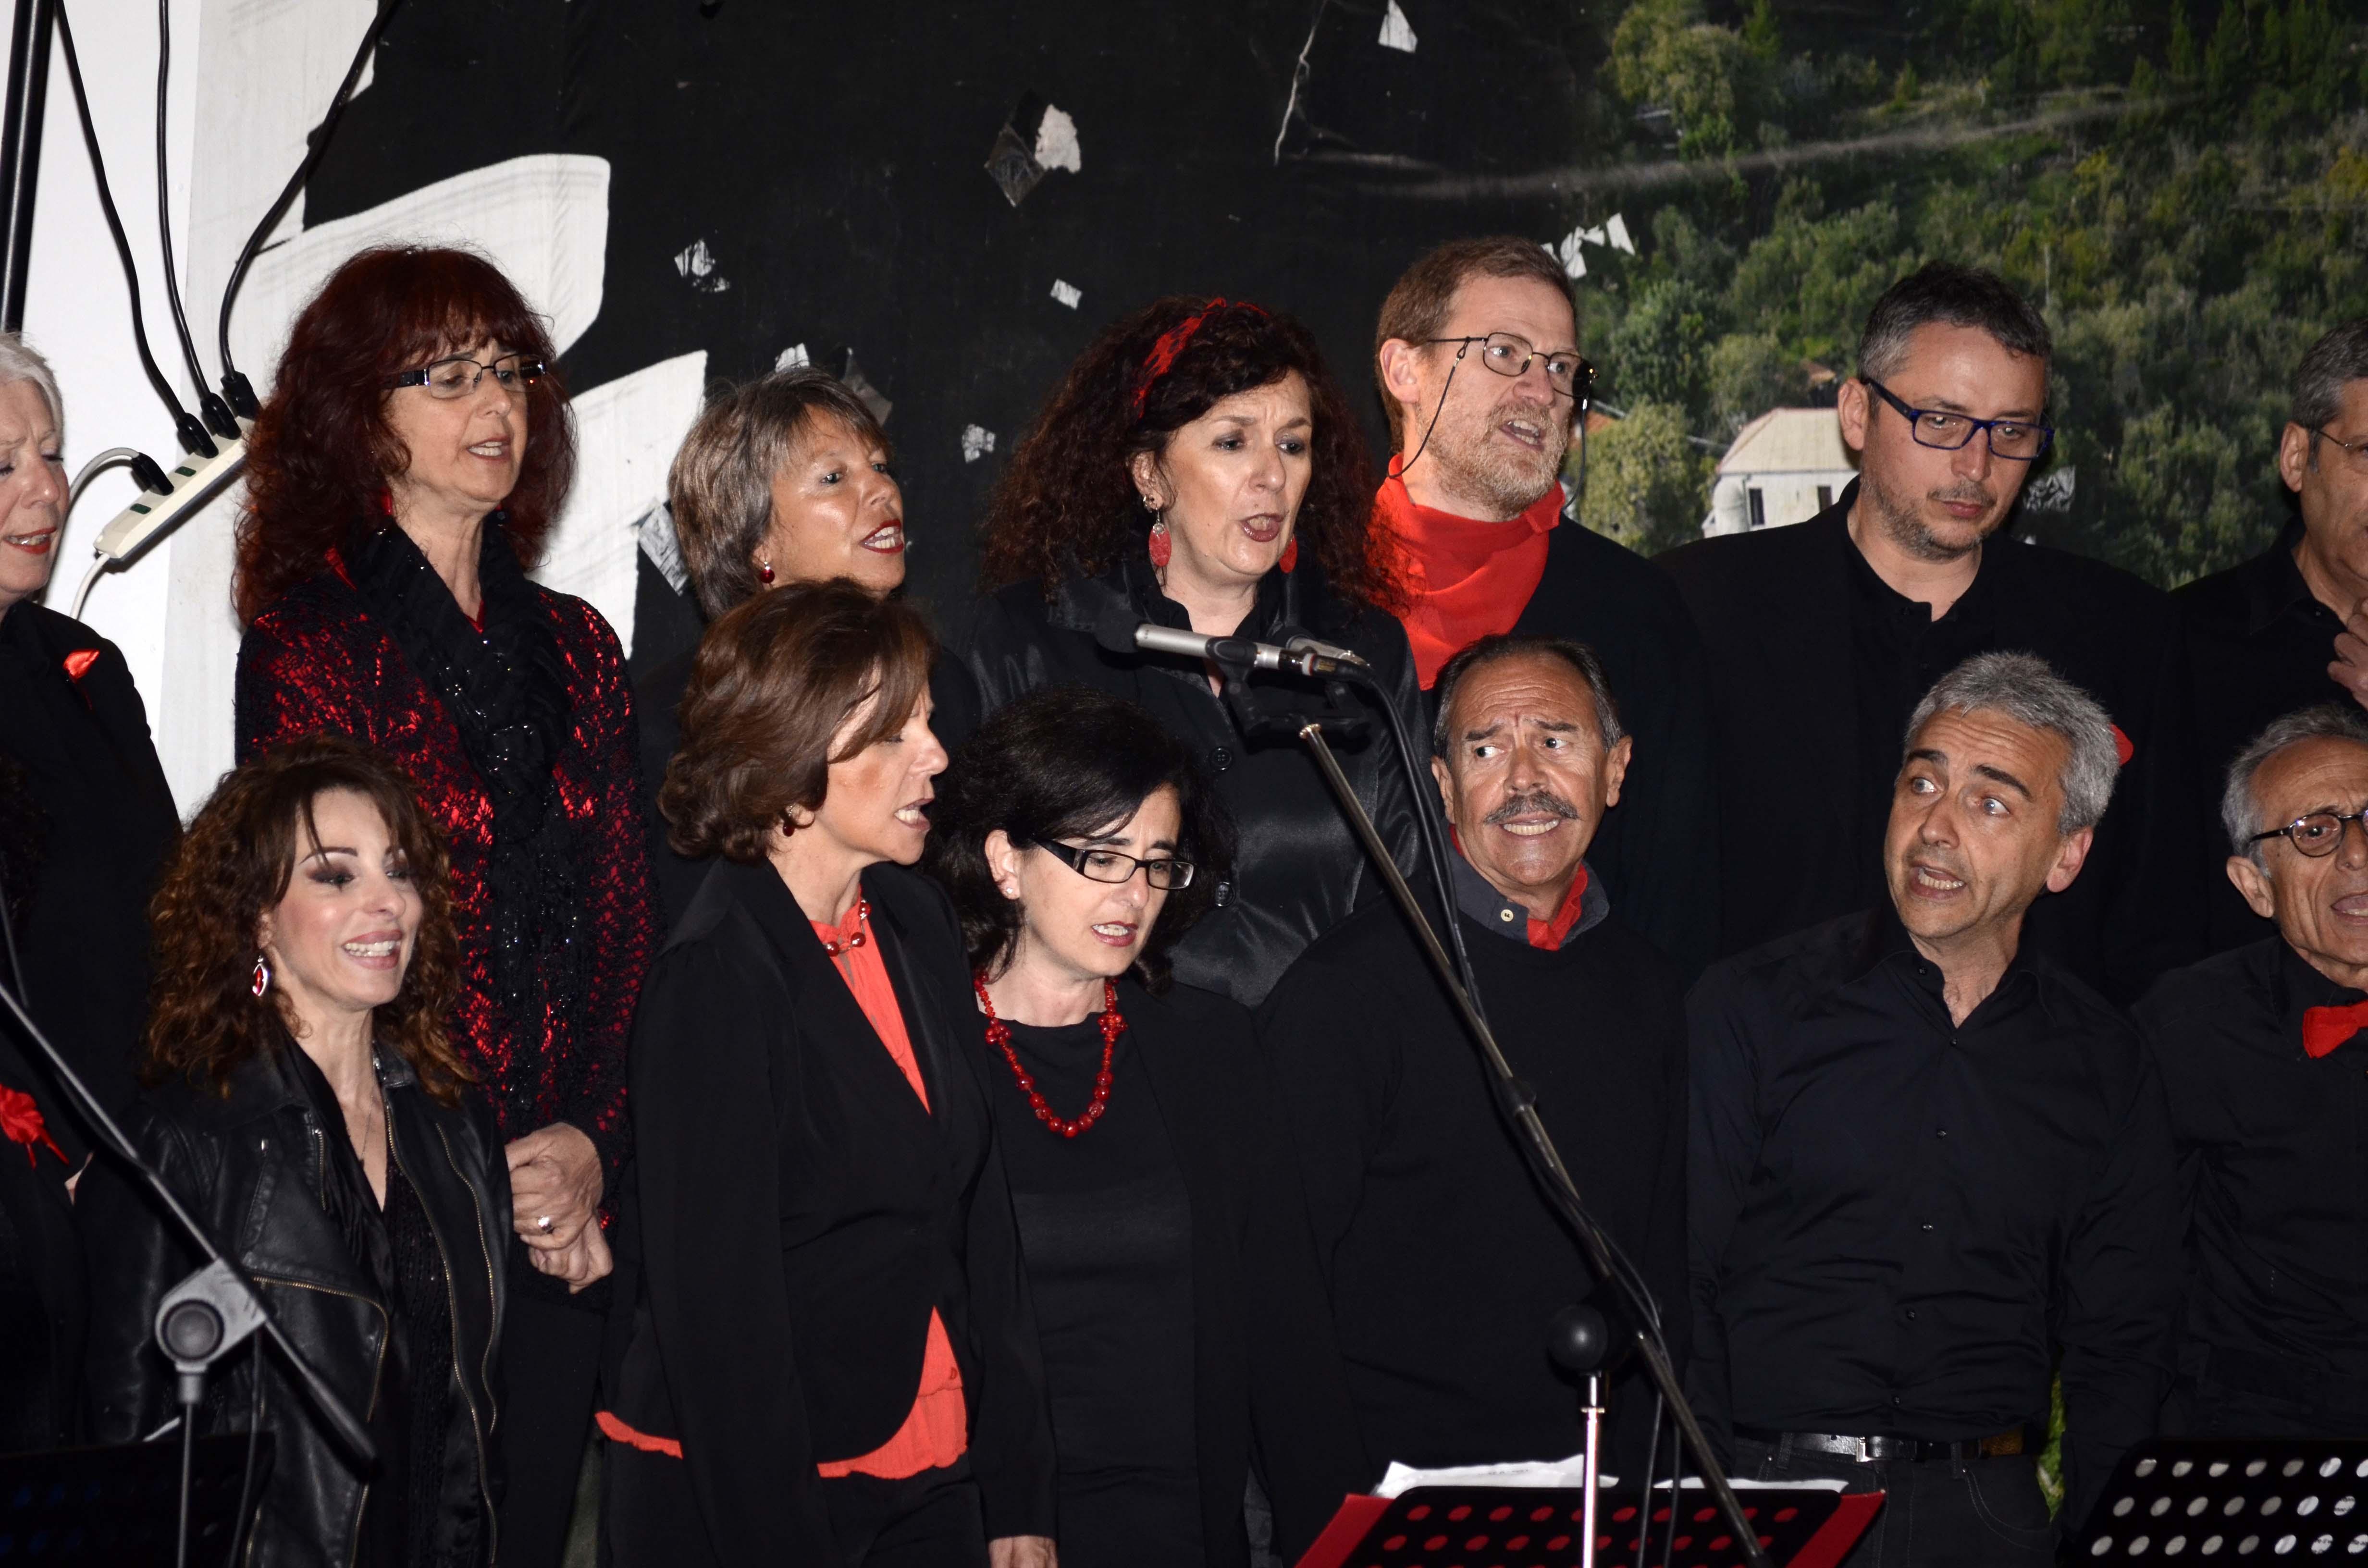 1 GIUGNO 2013 - ANDORA - da soprani a tenori primi.jpg